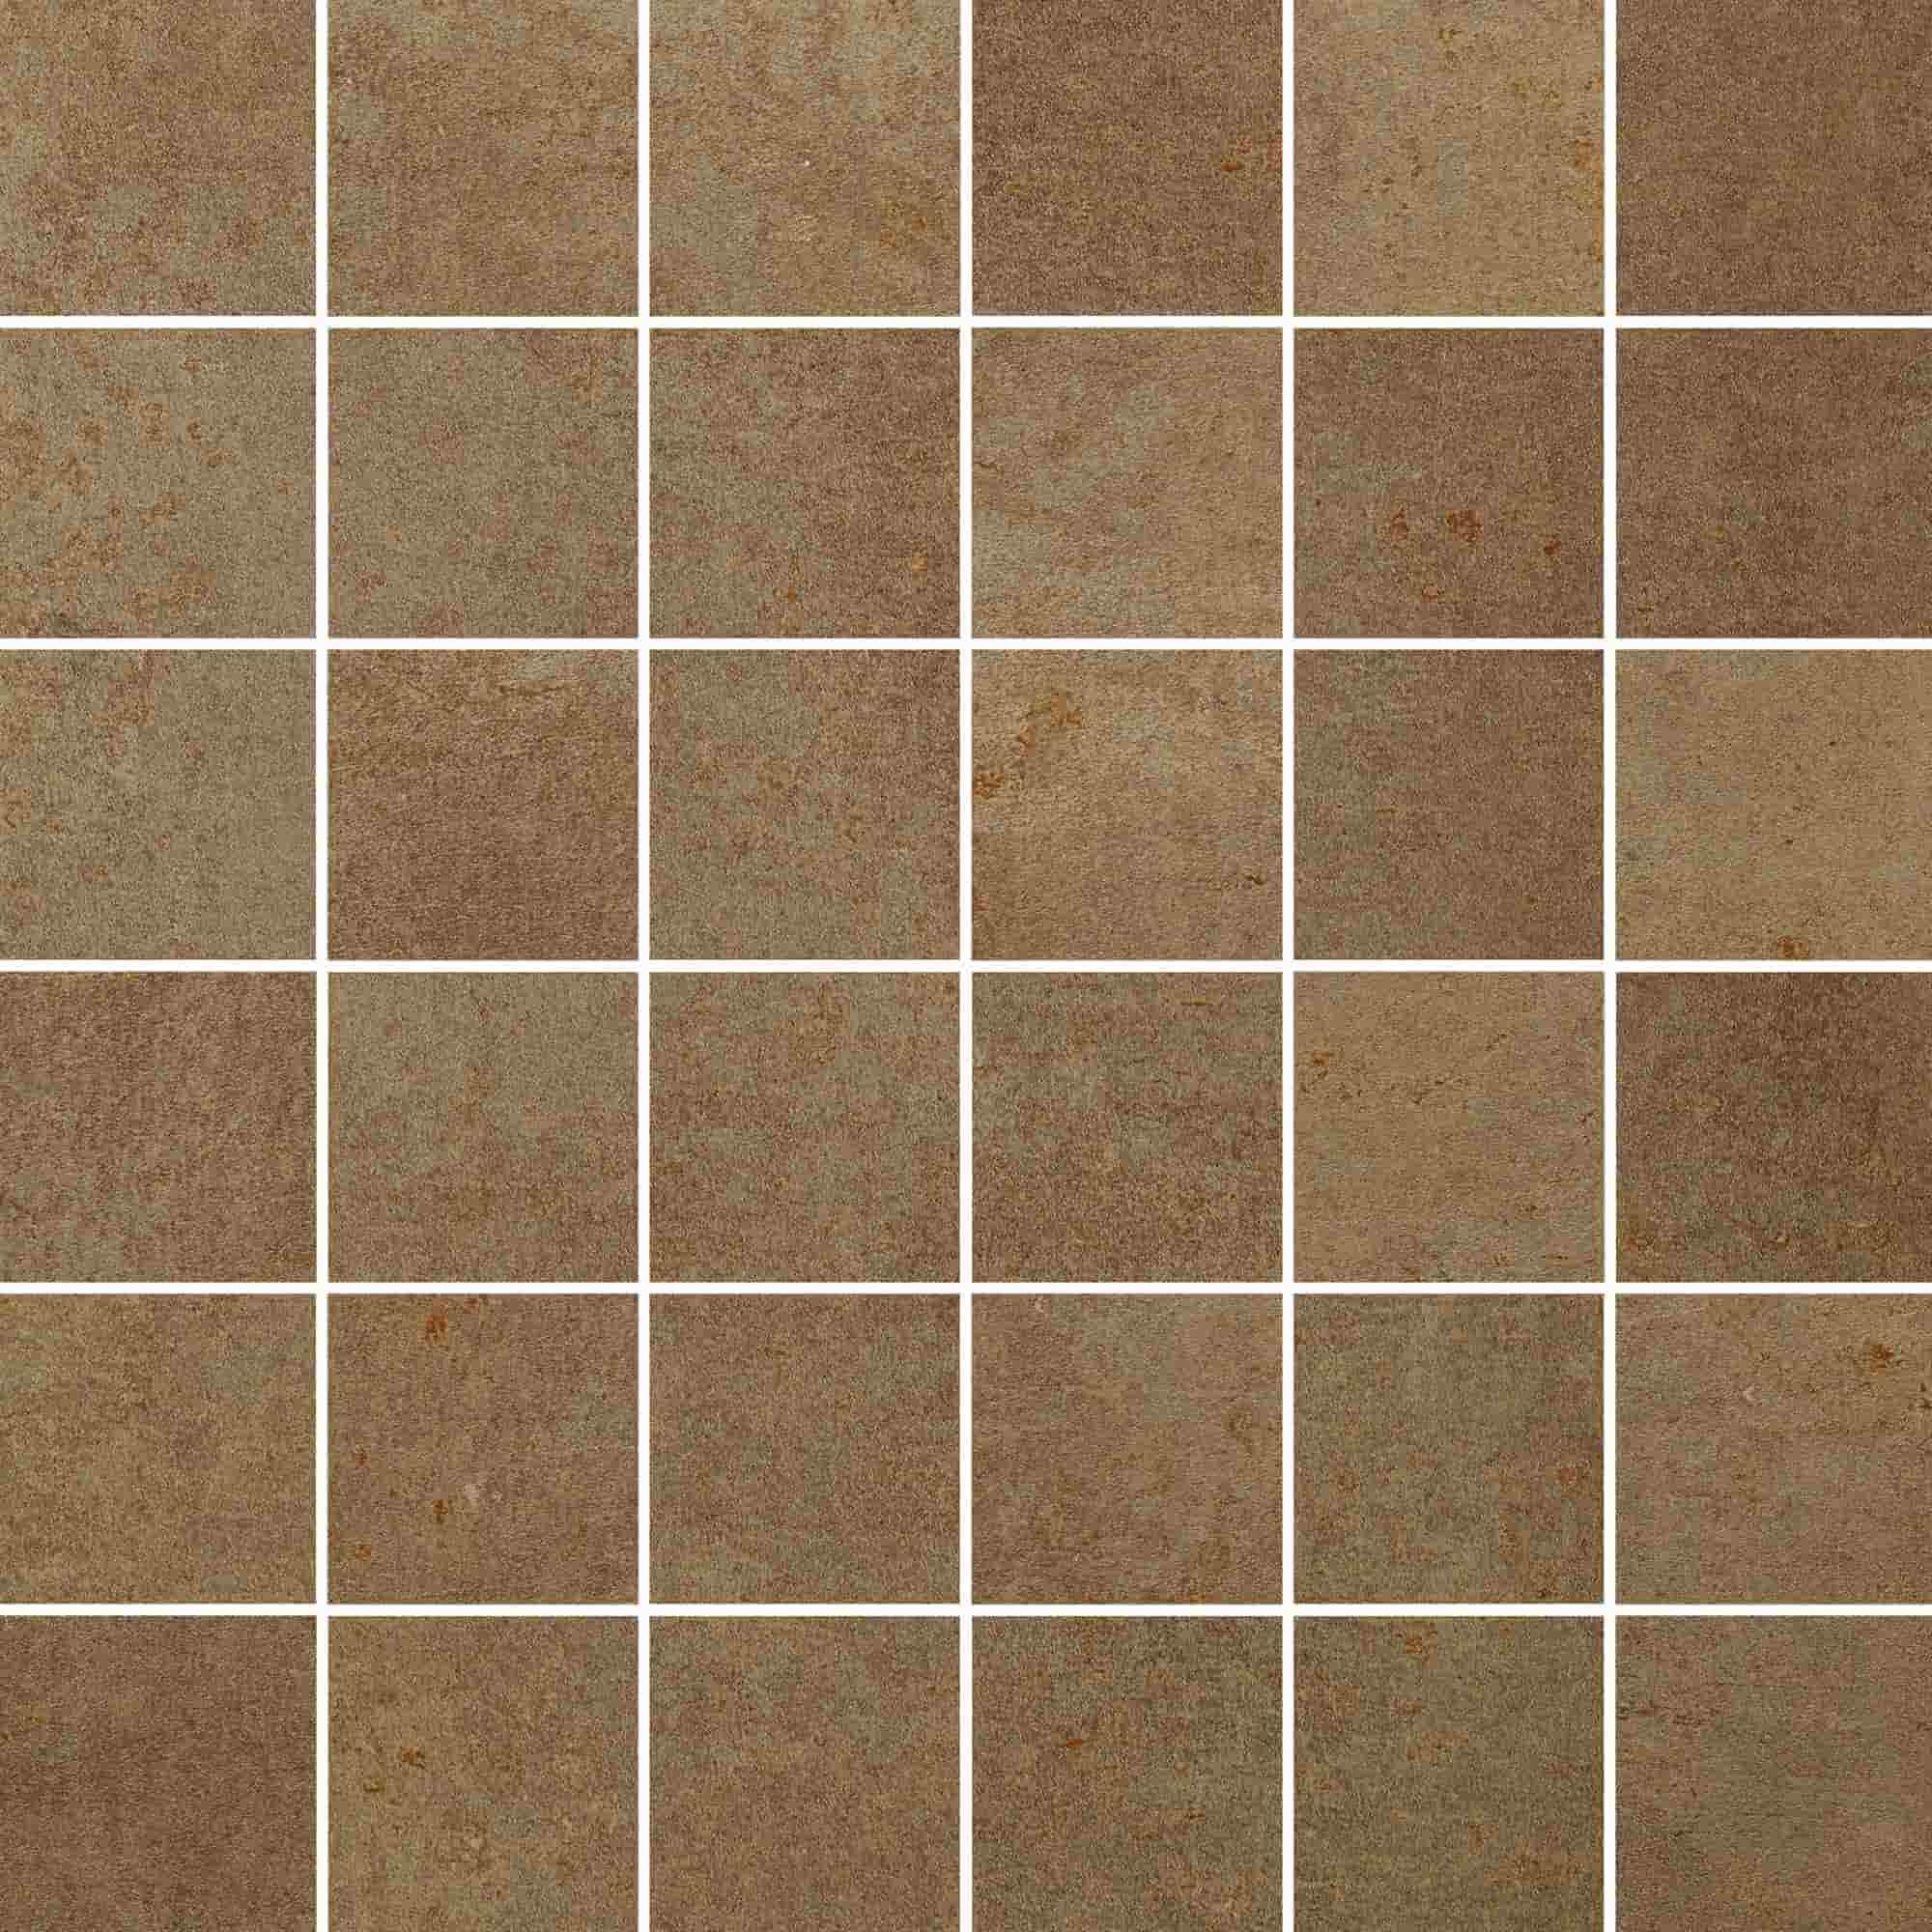 Mosaic Plus Rust